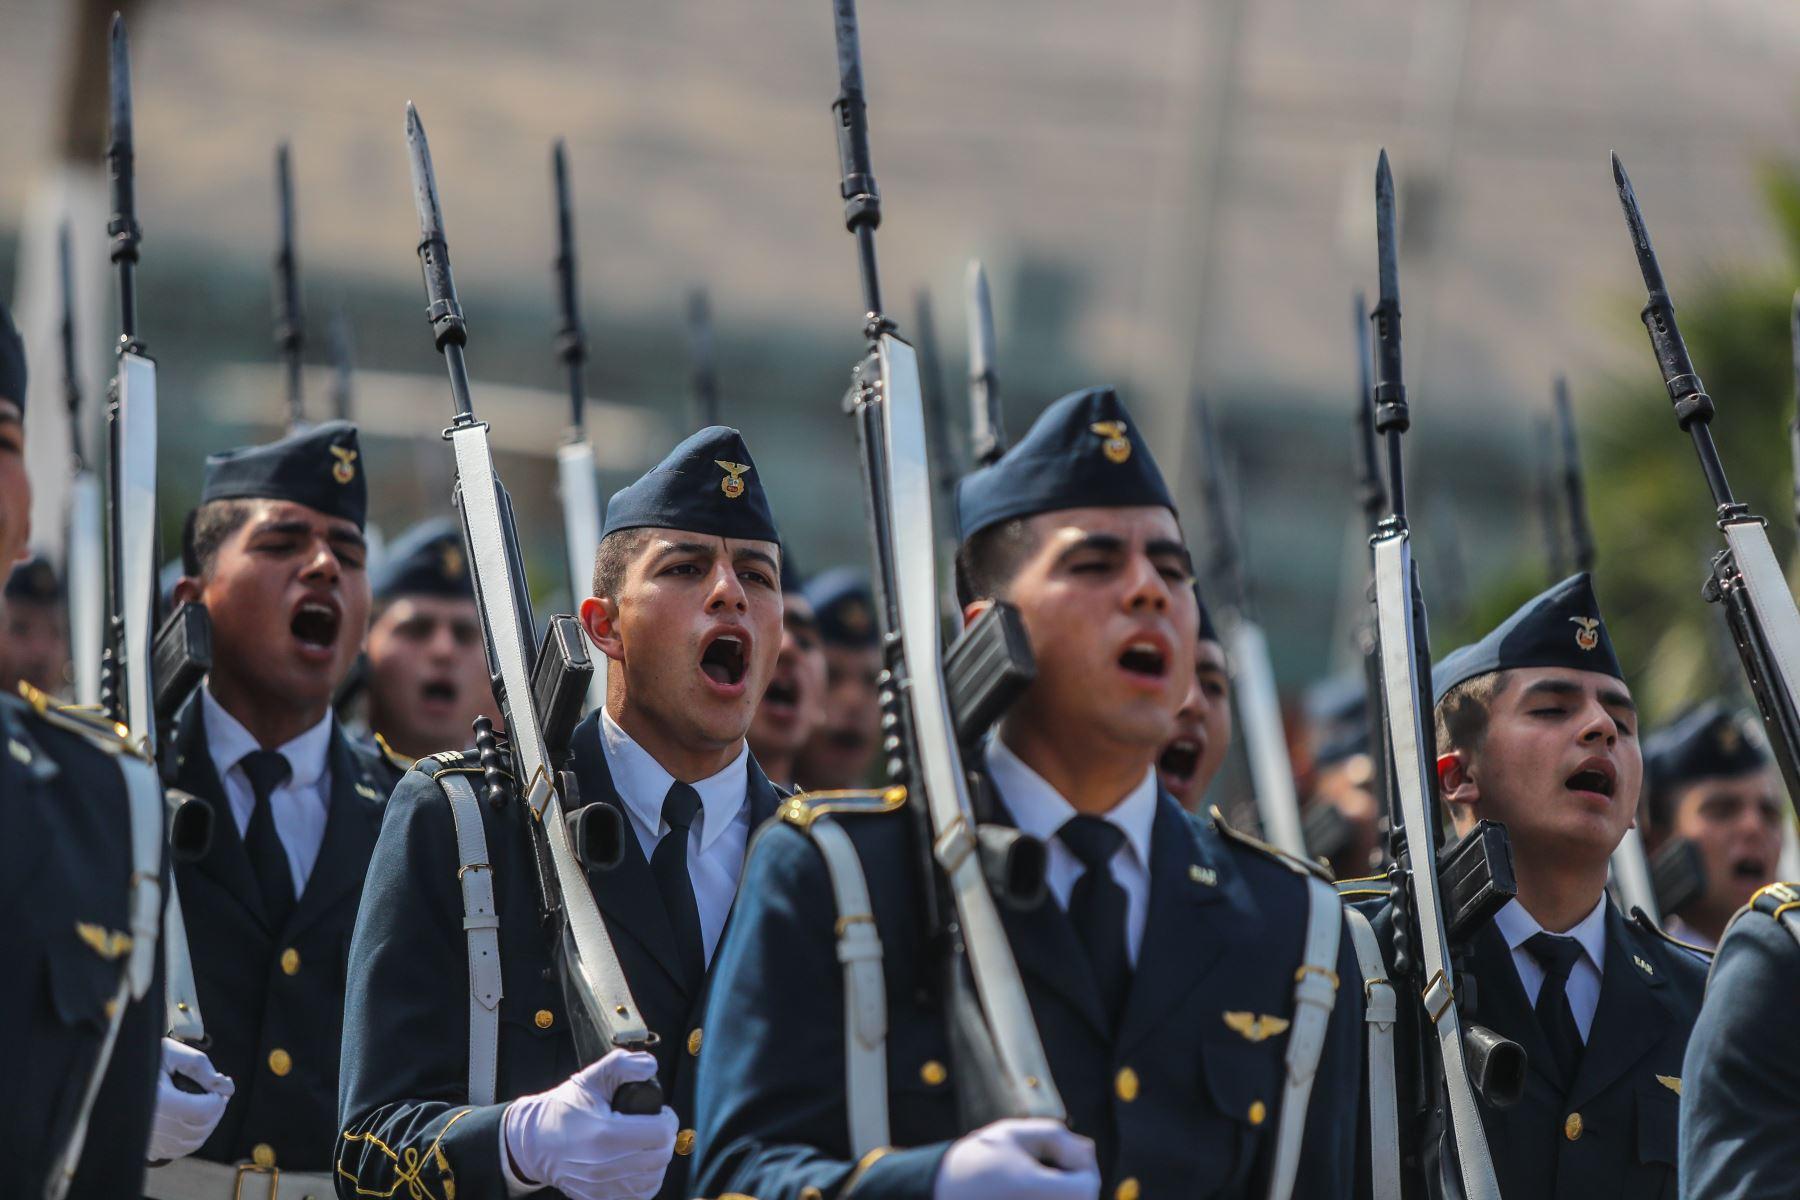 Ceremonia por el 31 Aniversario de la Policía Nacional del Perú, llevada a cabo en la Escuela de Oficiales de la Policía Nacional del Perú, en el distrito de Chorrillos. Creada el 06 de diciembre de 1988, con la Ley 24949; la Policía Nacional del Perú agrupó en una sola fuerza policial las históricas Guardia Civil, Policía de Investigaciones y Guardia Republicana. Foto: ANDINA/Prensa Presidencia